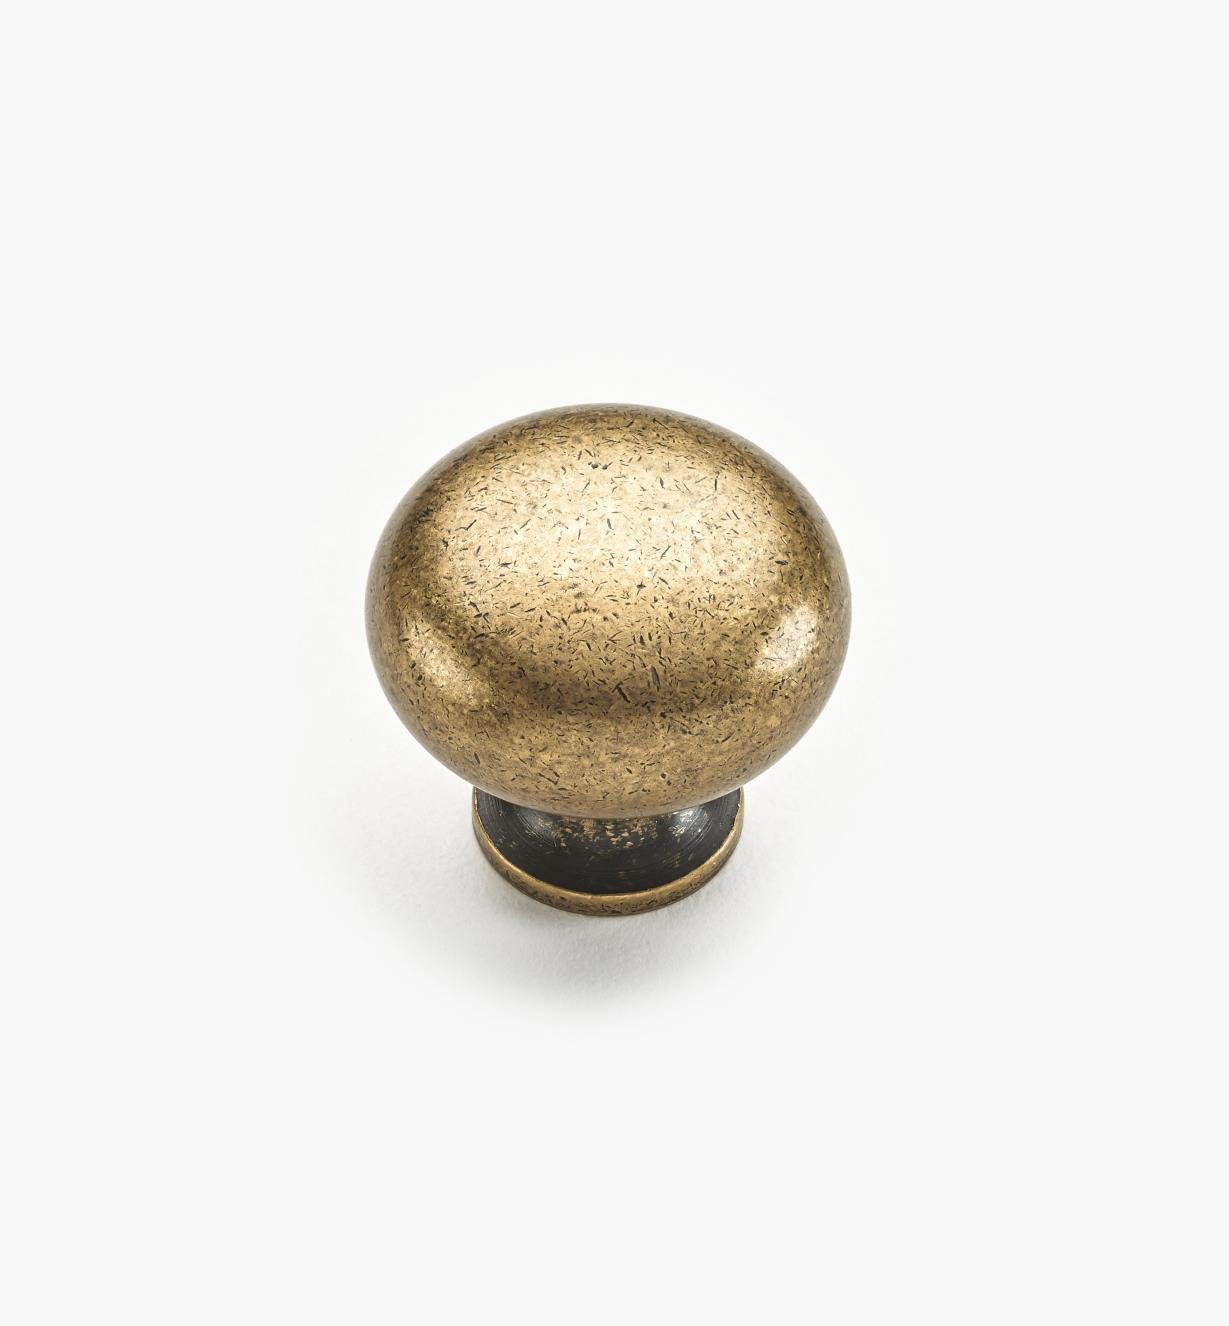 """02W1240 - 1 3/16"""" x 1 1/8"""" Antique Brass Classic Knob"""